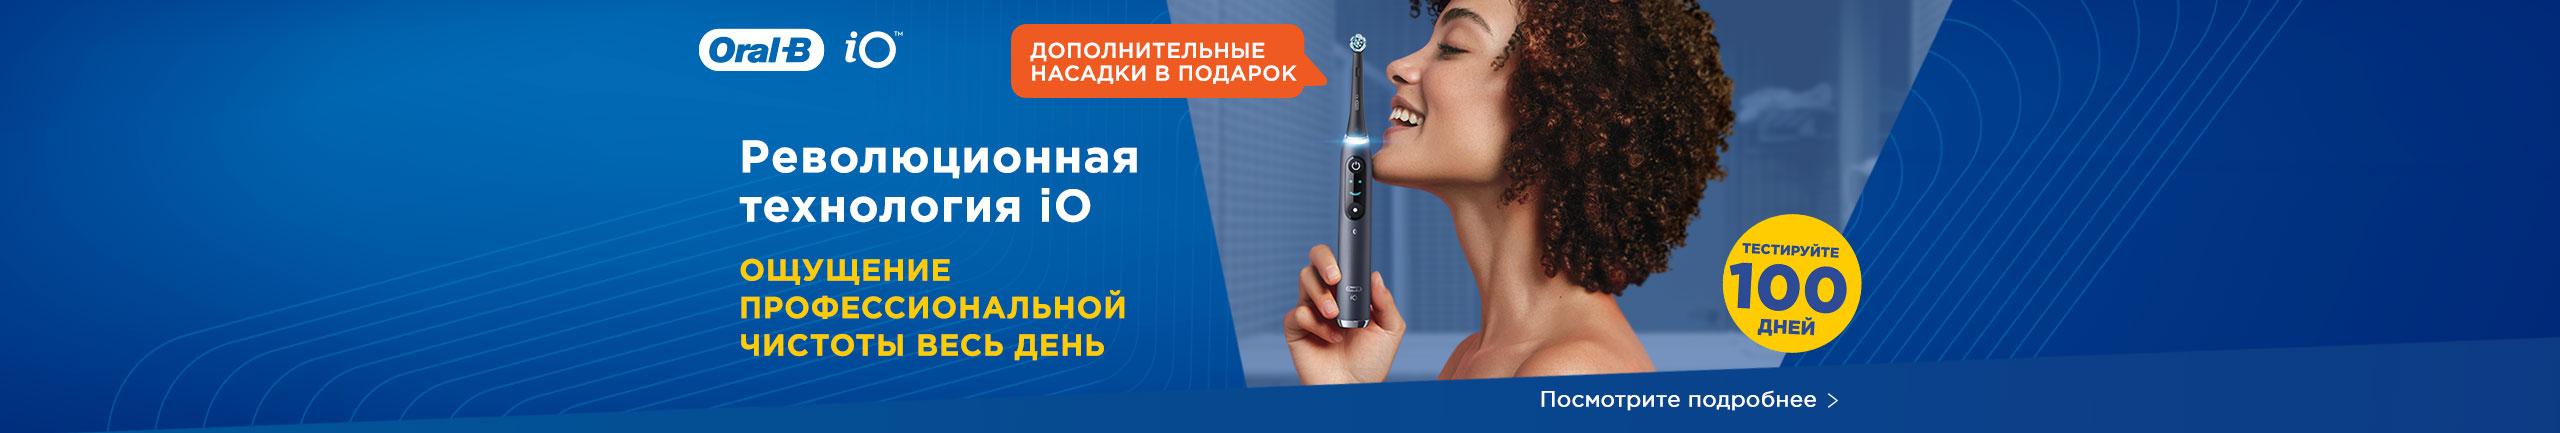 Дополнительные насадки в подарок к зубной щетке Oral-B iO